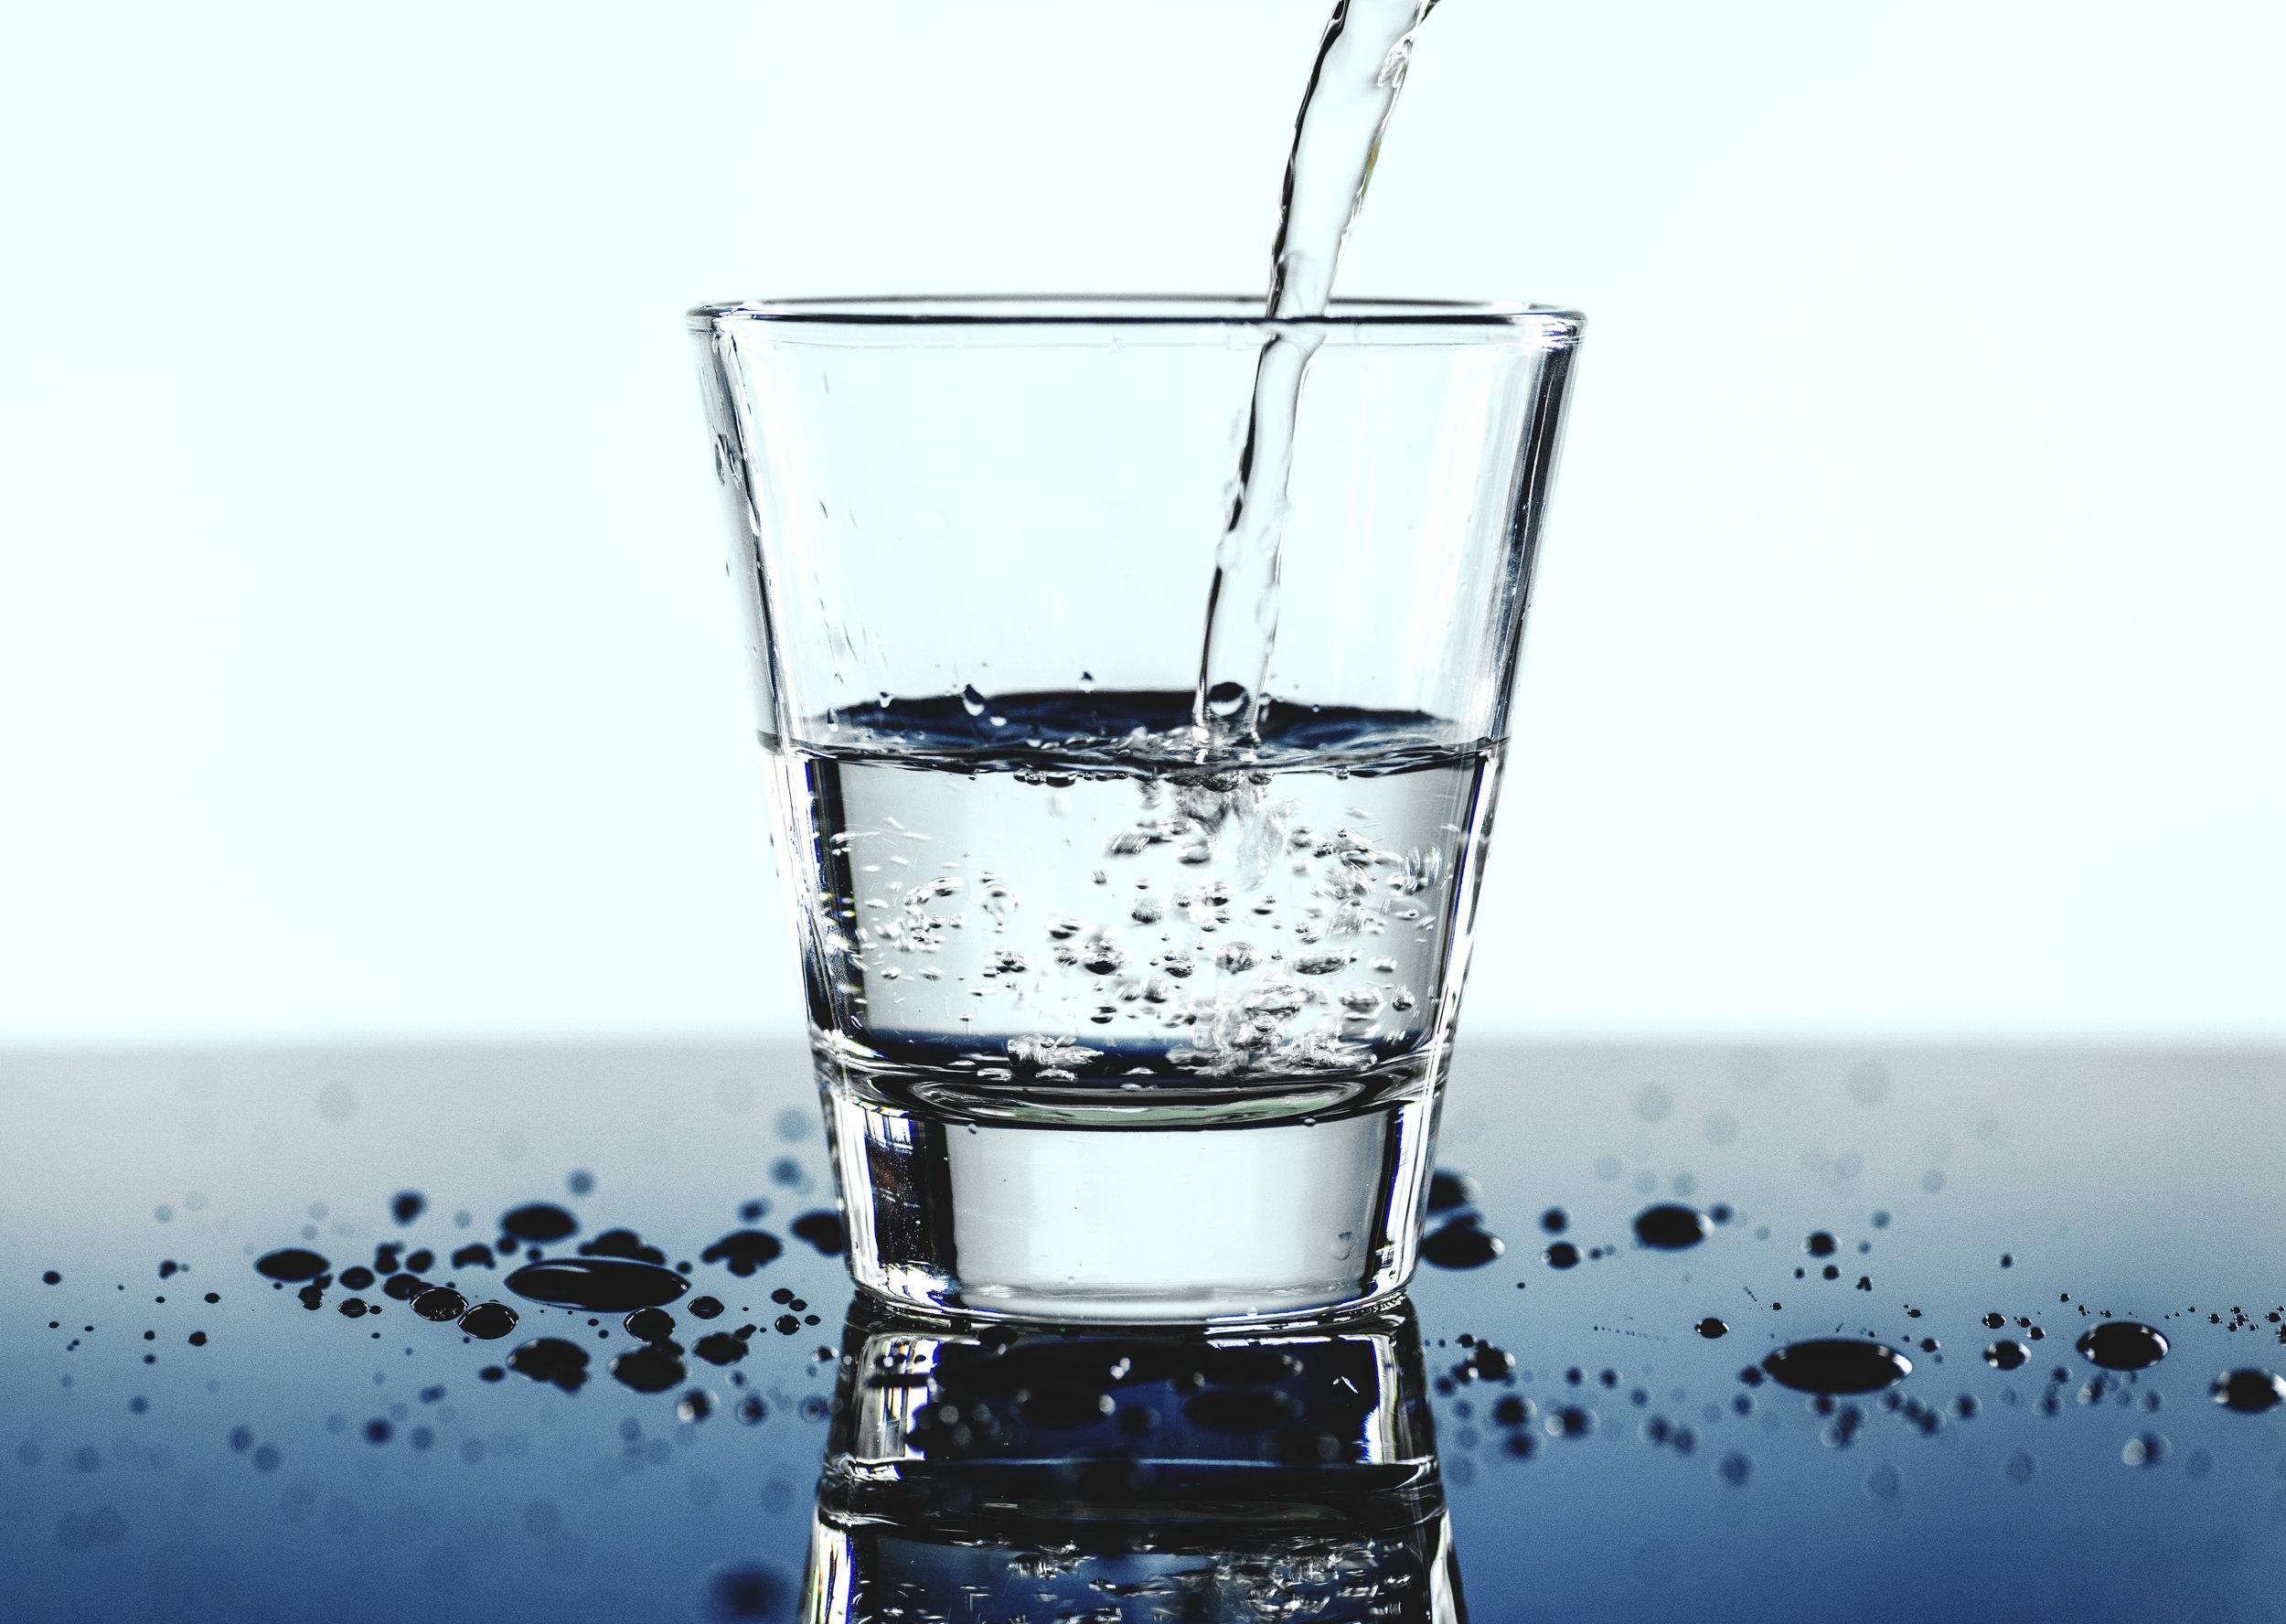 2. Das Trinken am Arbeitsplatz nicht vergessen - · Mindestens 1,5 Liter Wasser pro Tag und nur bei regelmäßigem Trinken kann Kaffee und Tee in die Flüssigkeitsbilanz eingerechnet werden.